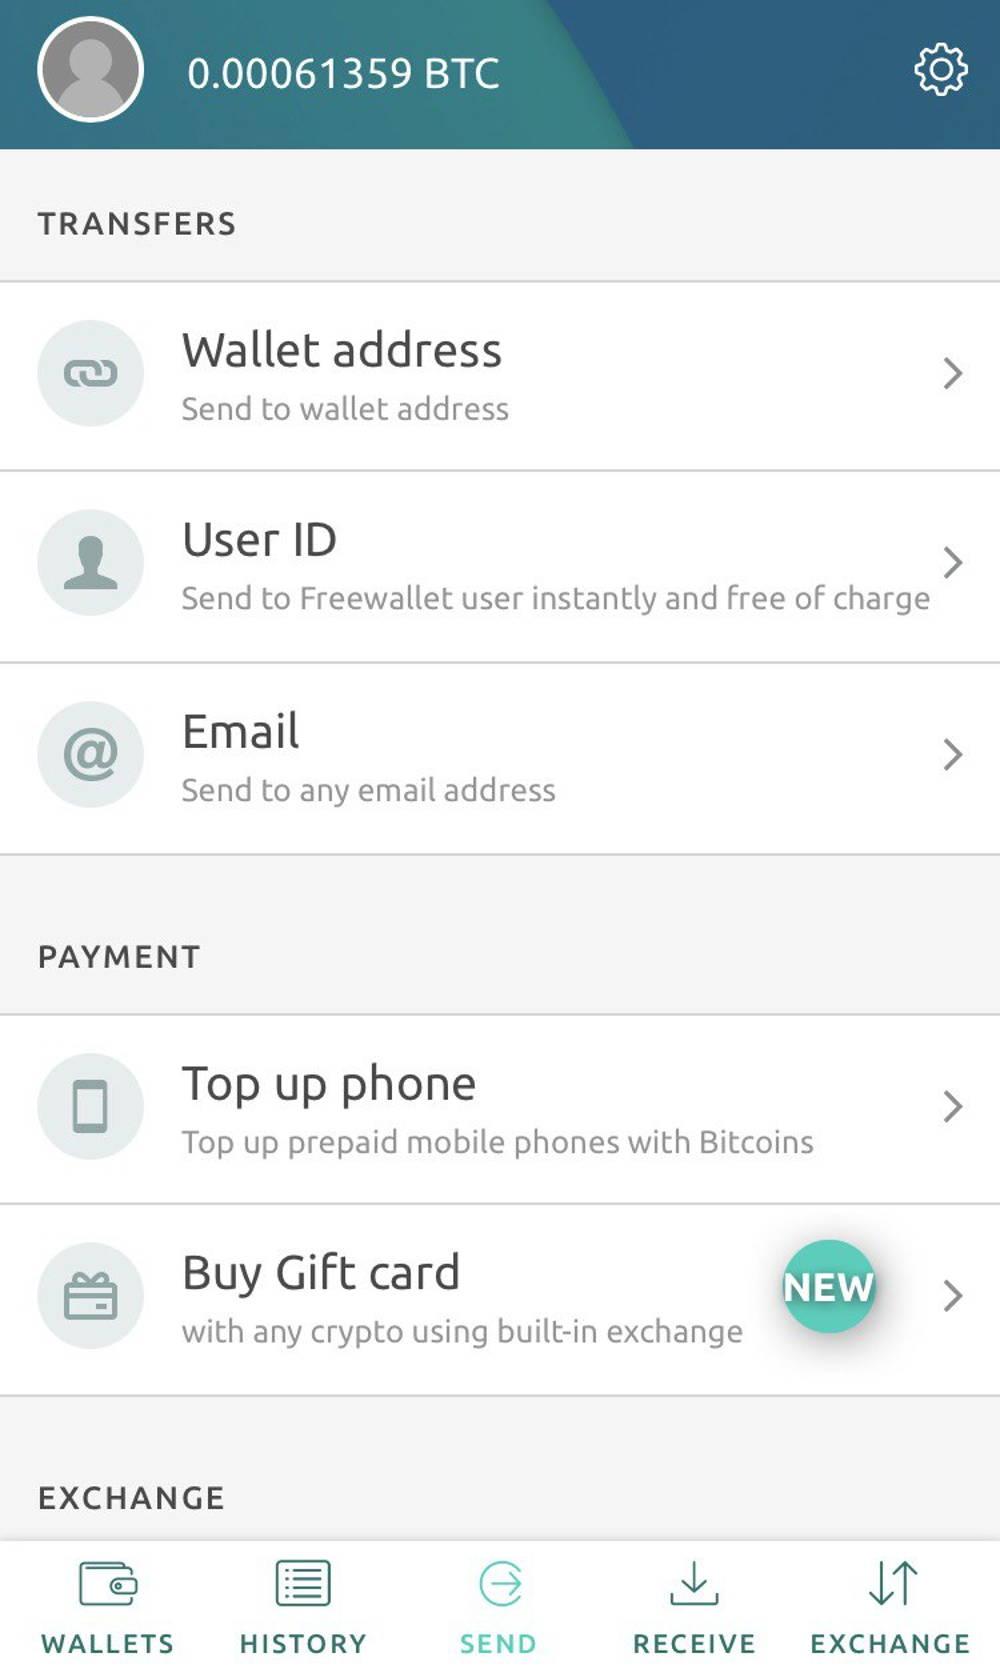 Freewallet_(m3)_deposit.jpg